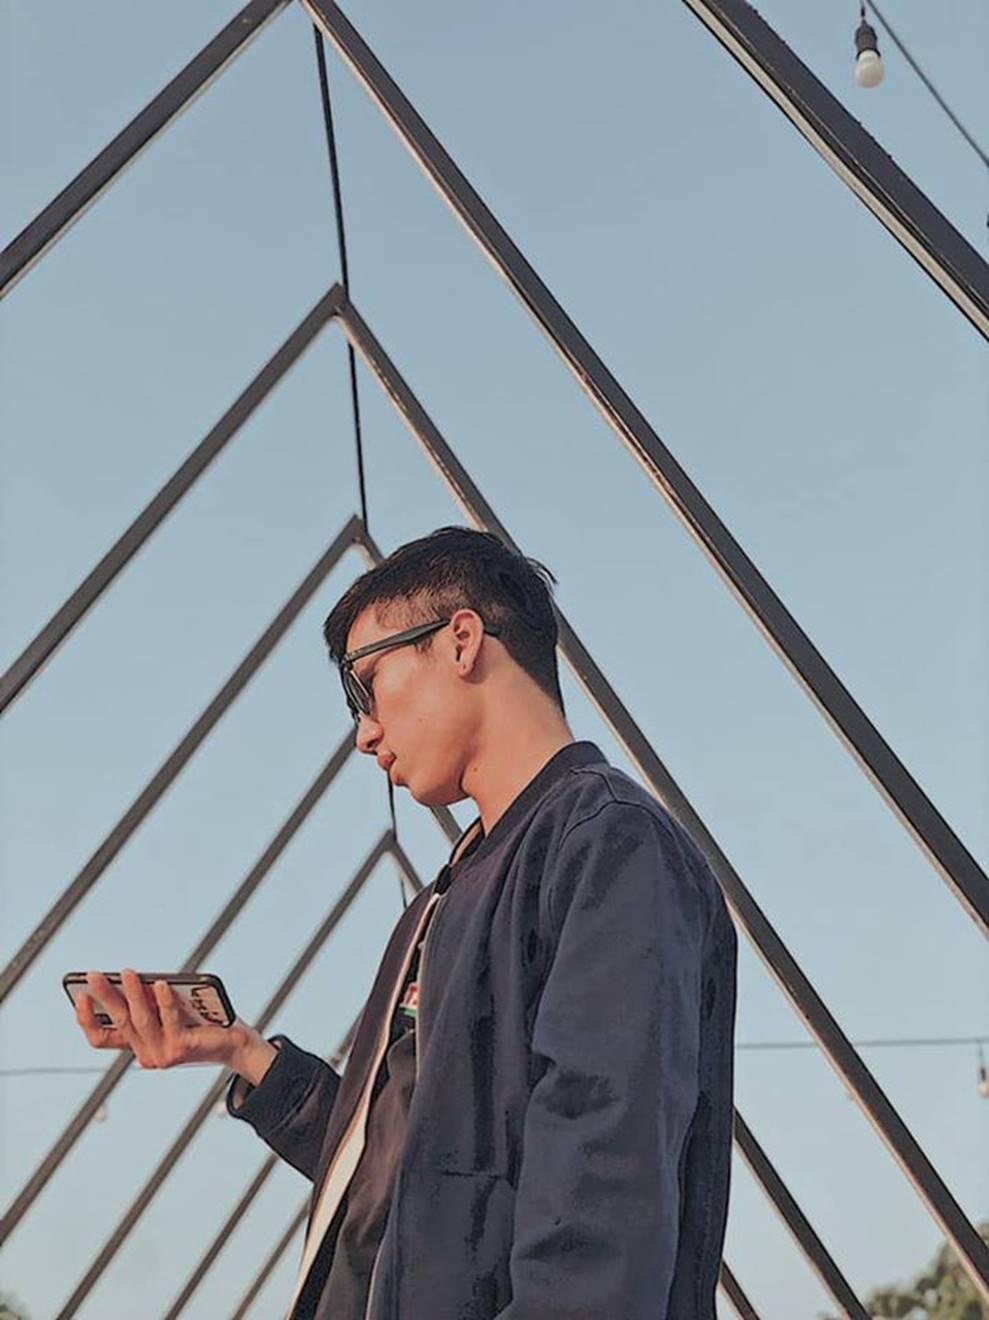 Thầy giáo Việt hot nhất MXH những ngày qua: Đẹp trai cao ráo như người mẫu, là thạc sĩ Ngôn ngữ tại Úc-6